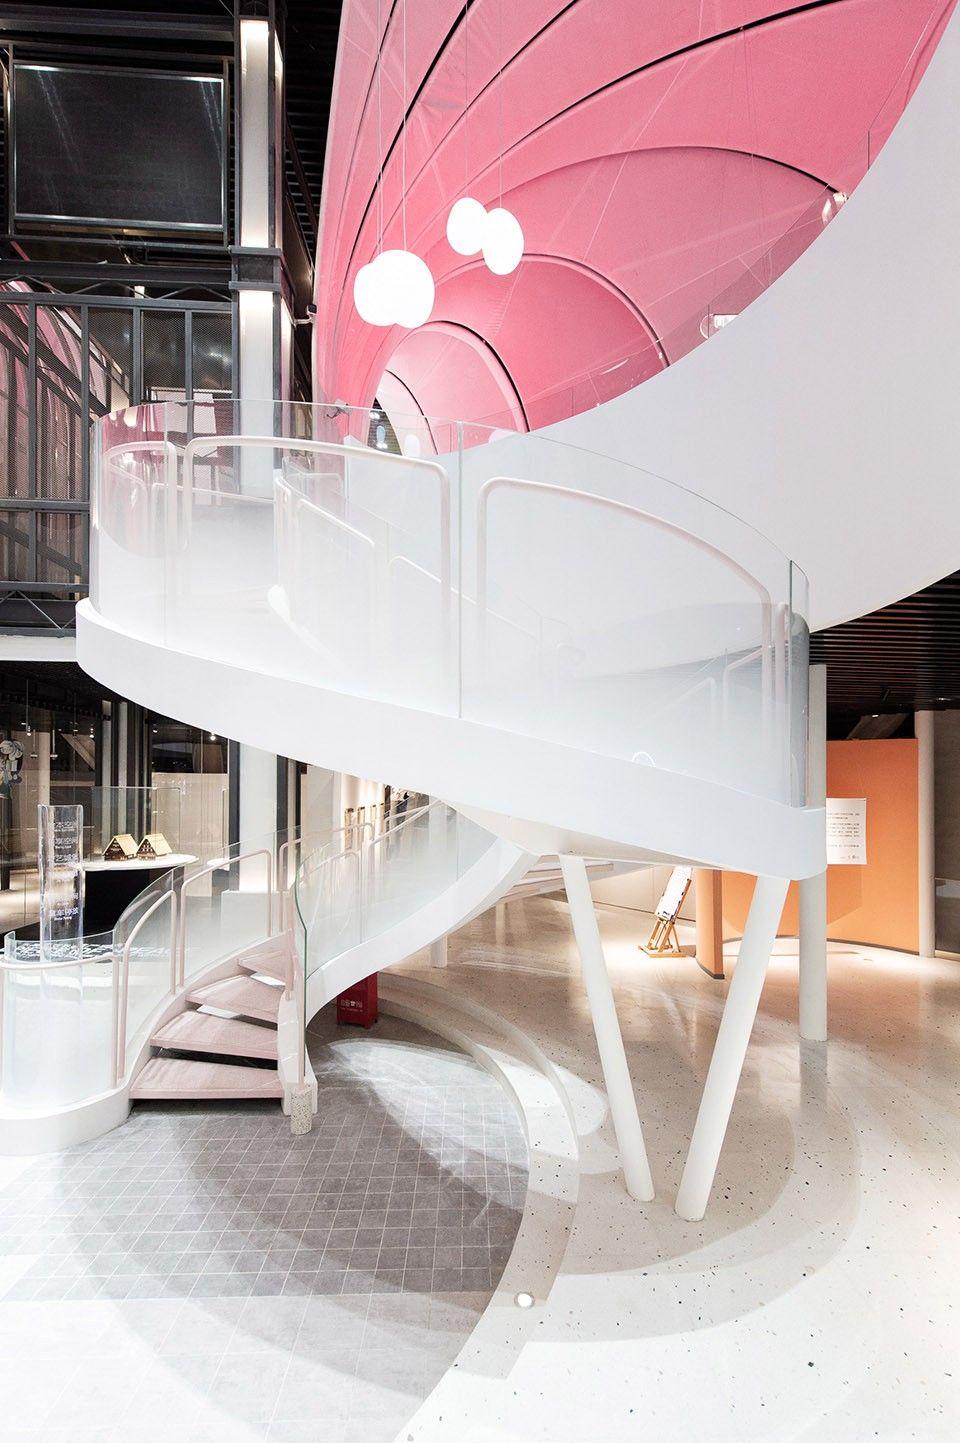 长风大悦城会员空间,上海 / 裸筑更新 裸筑更新建筑设计 - 18